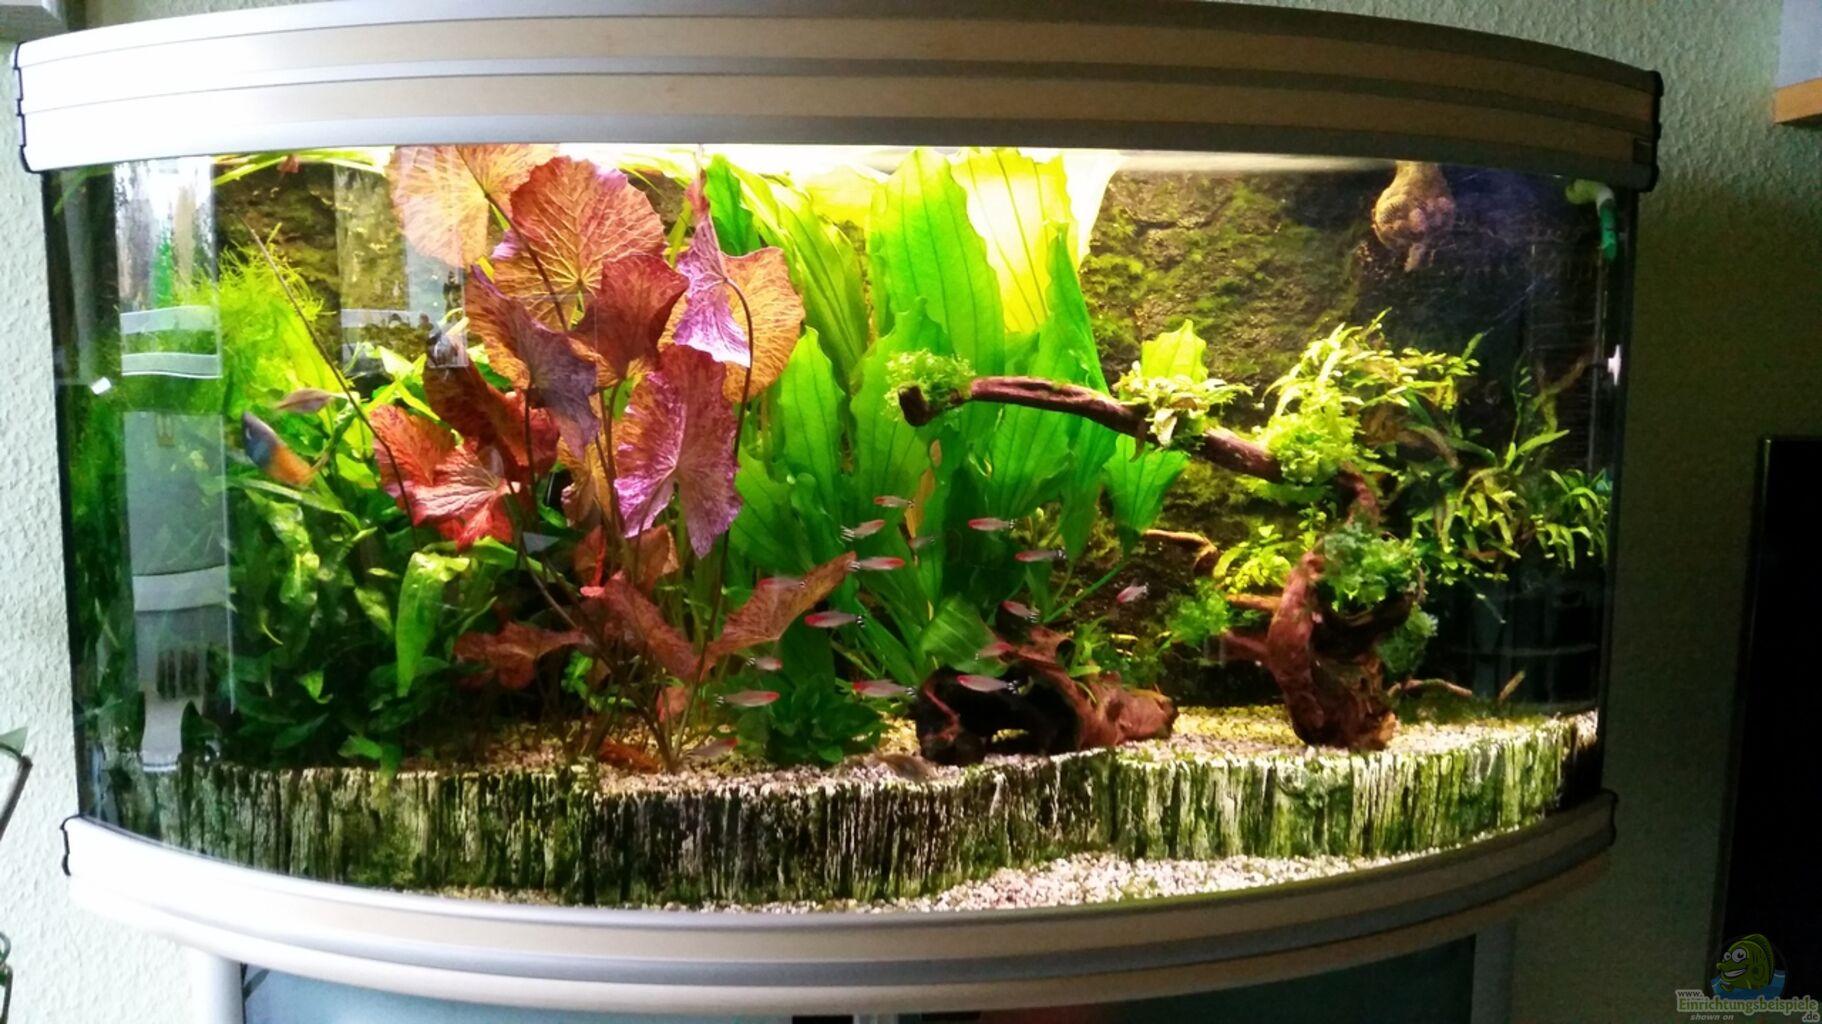 einrichtung 60 liter aquarium modisches design von. Black Bedroom Furniture Sets. Home Design Ideas